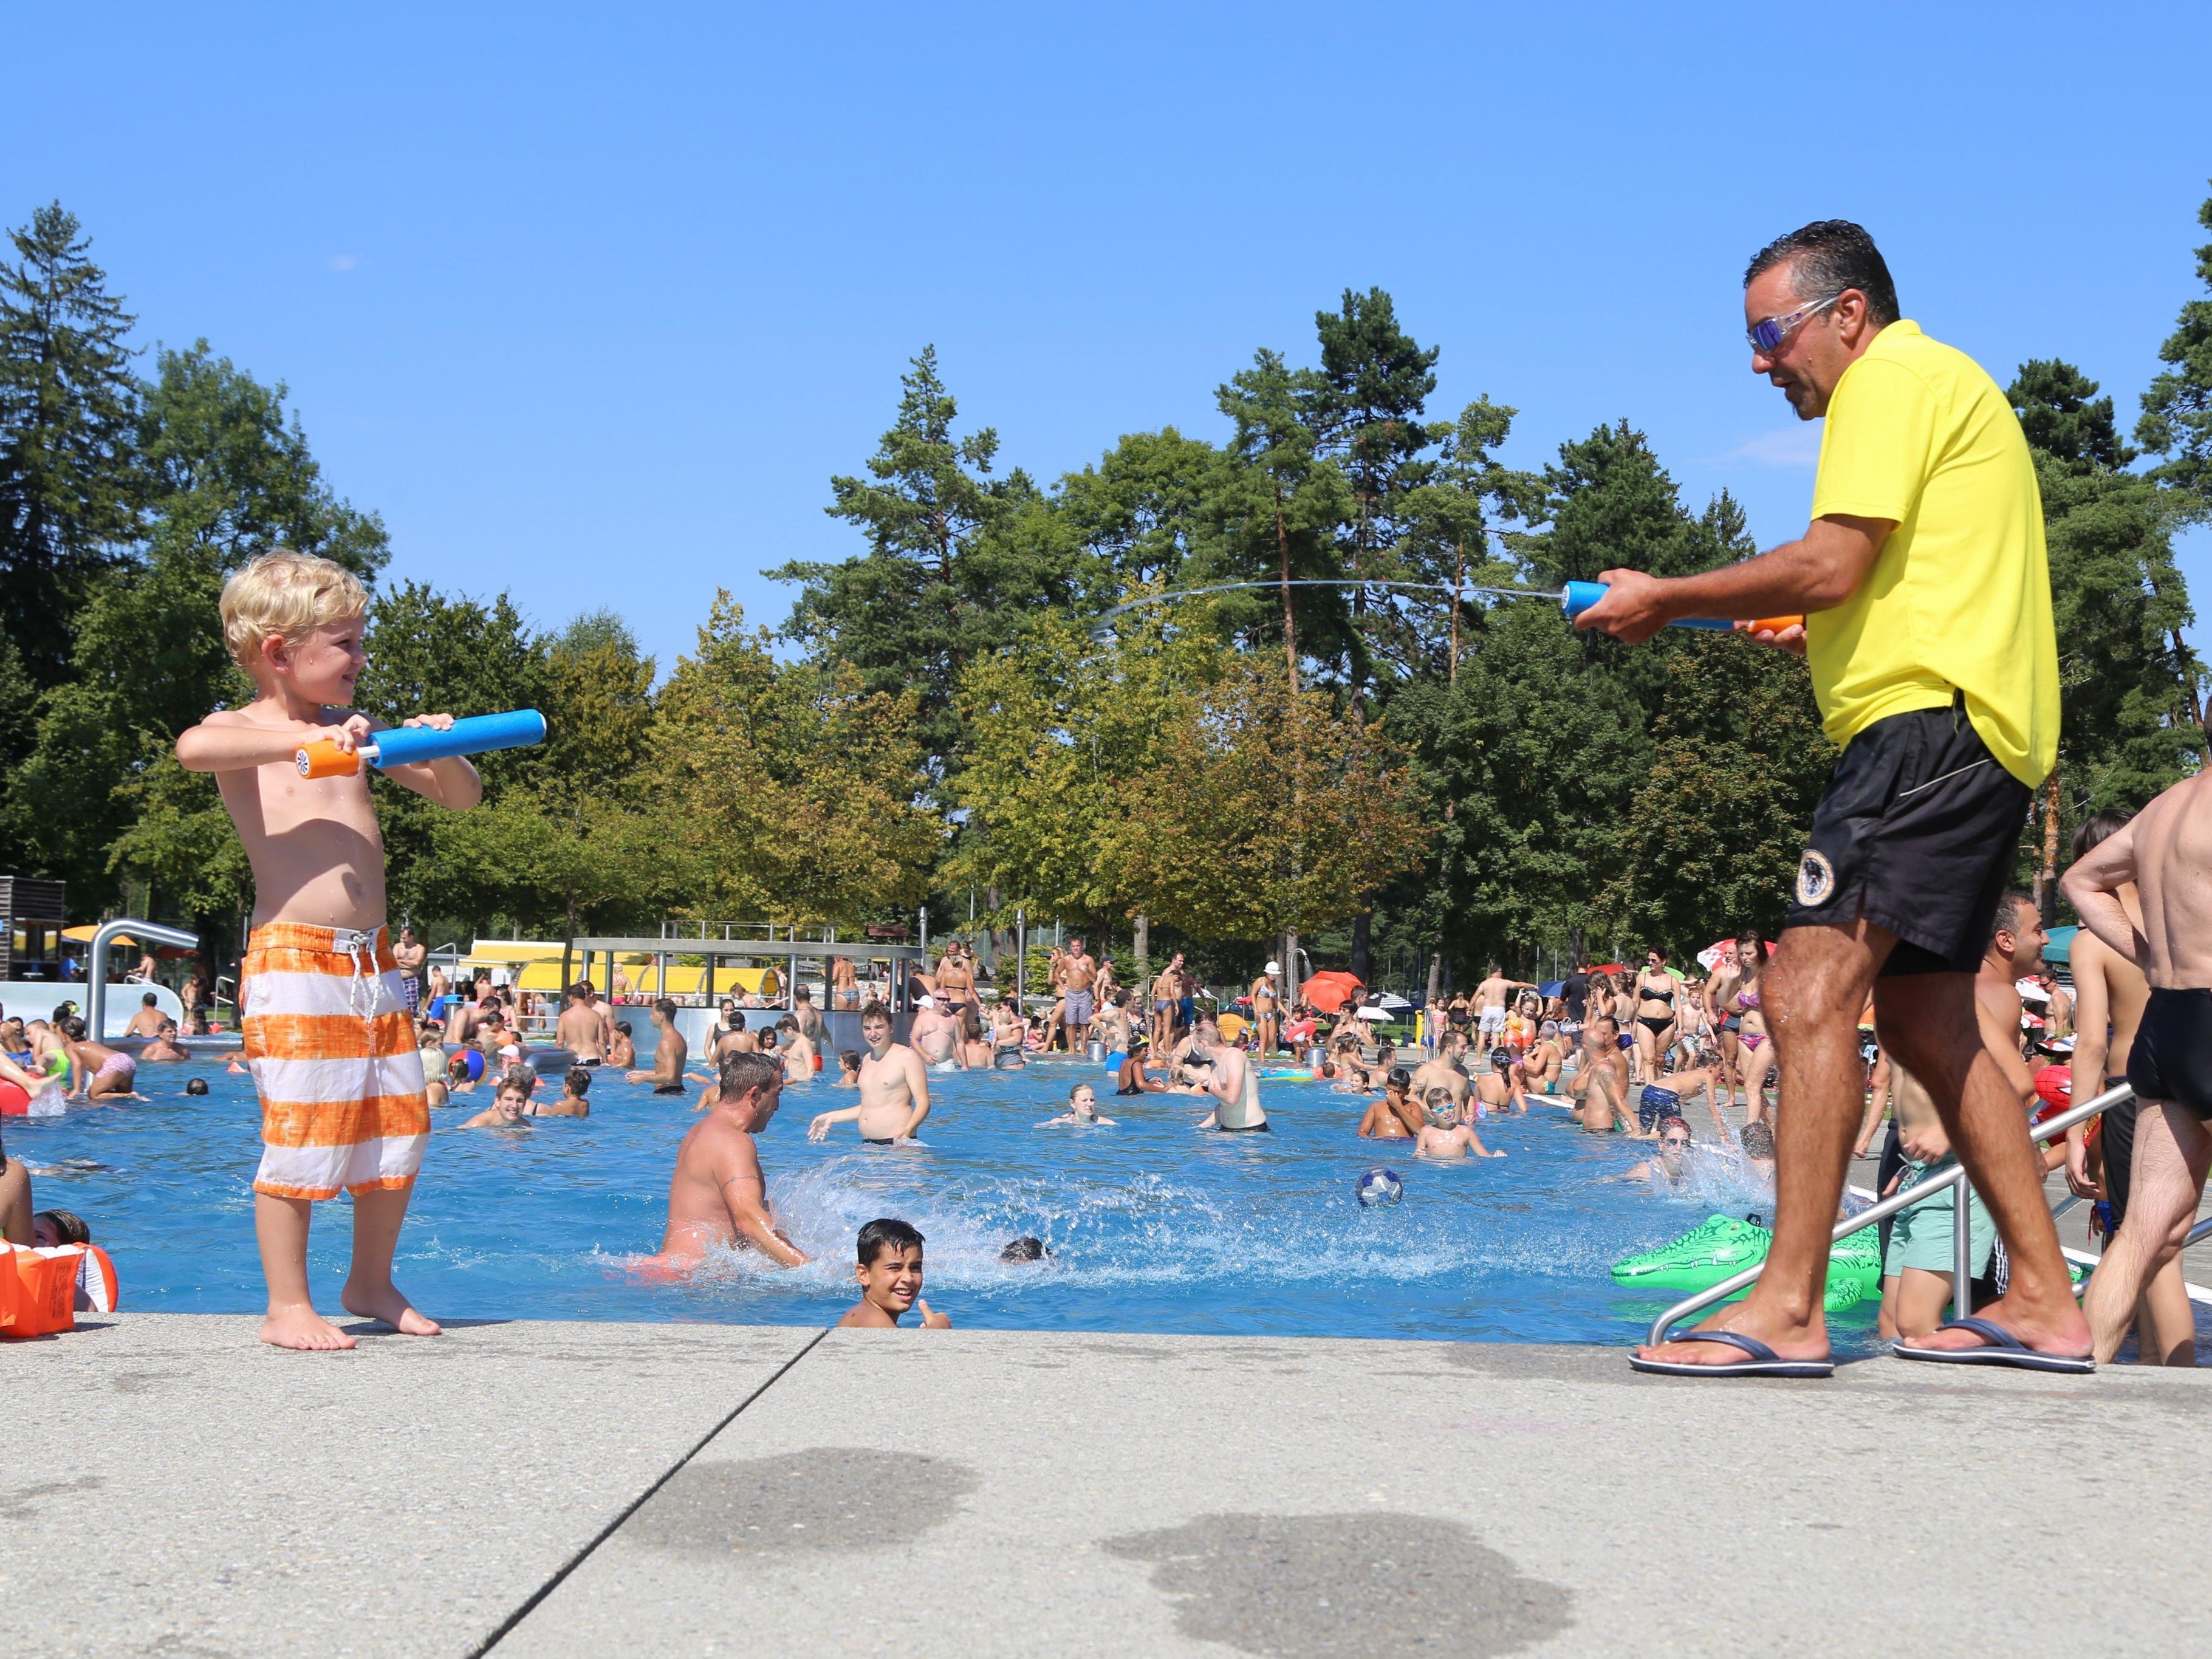 Sicherheit ist wichtig – trotzdem ist der lockere Bademeister für jeden Spaß zu haben.